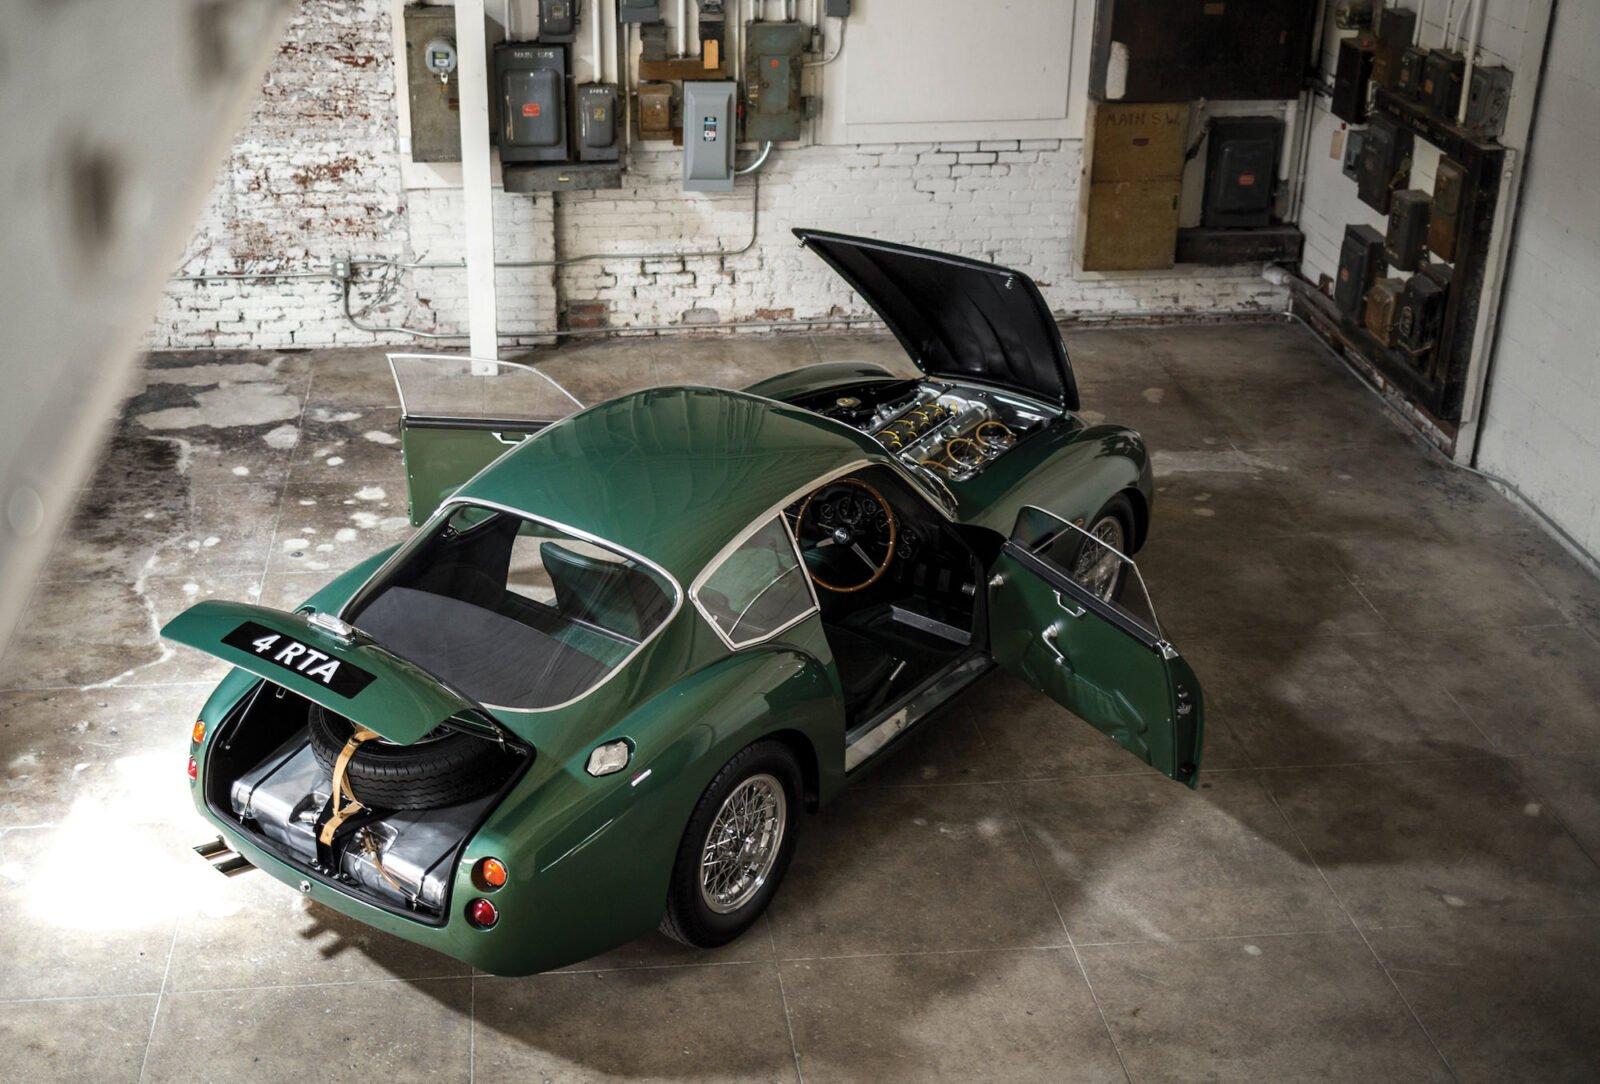 Aston Martin DB4 GT Zagato 26 1600x1084 - 1962 Aston Martin DB4 GT Zagato